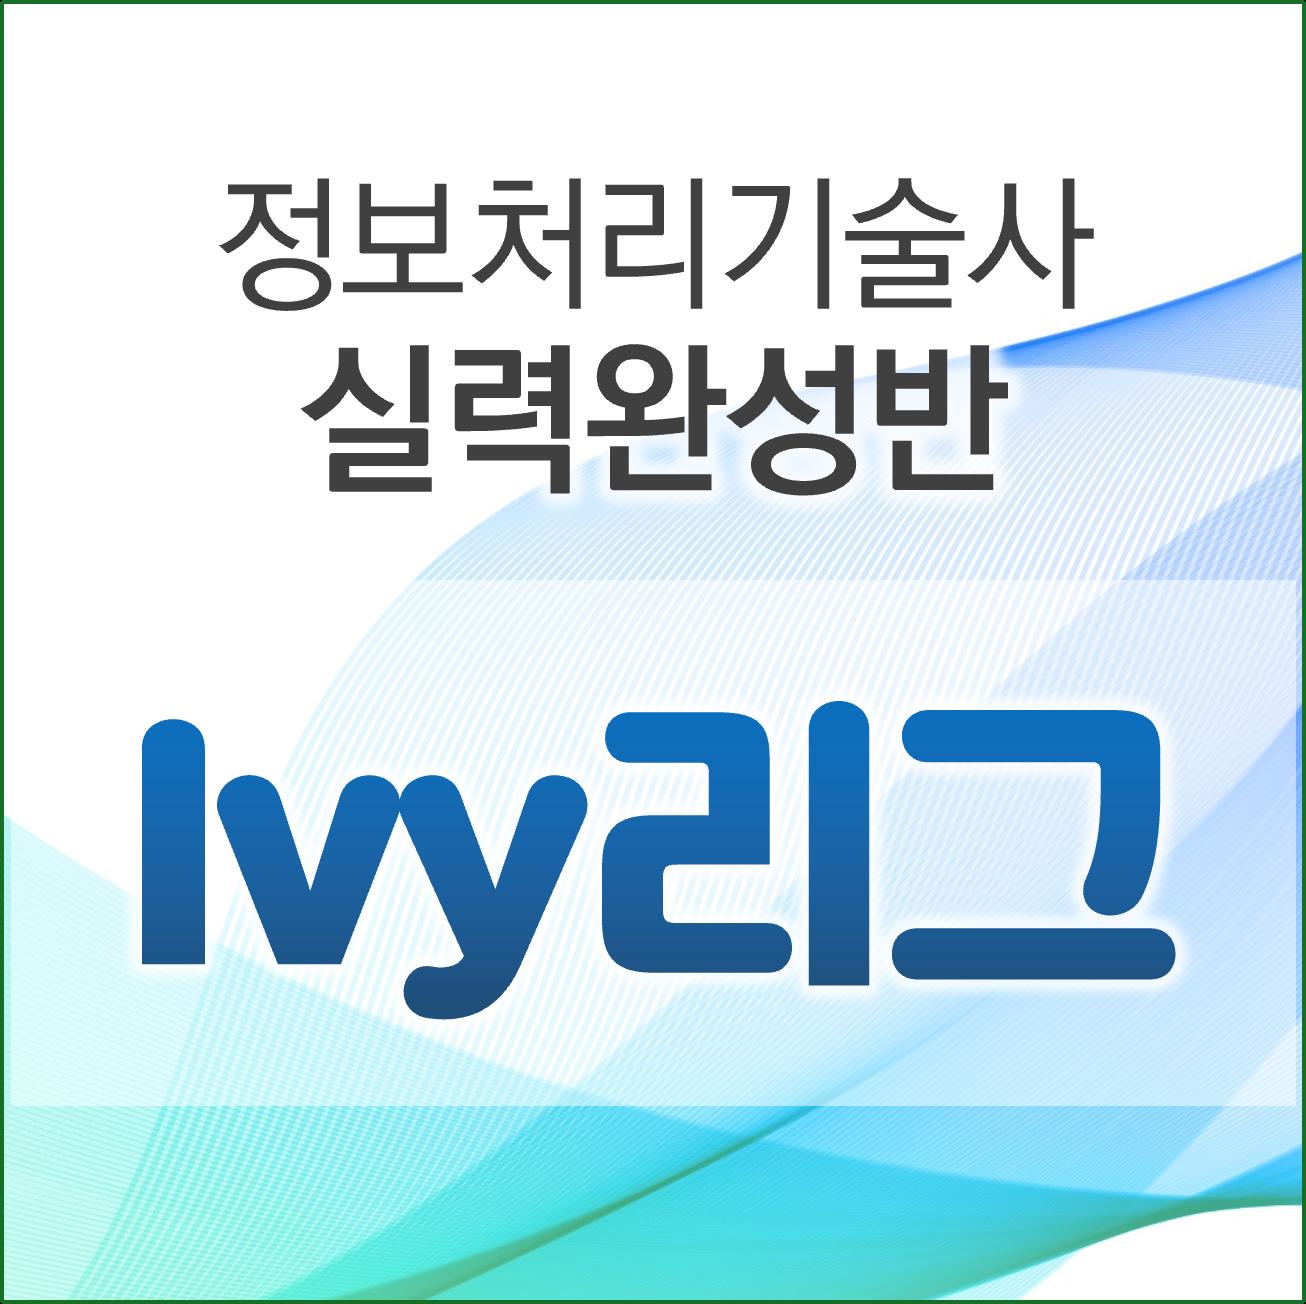 [정보처리기술사-실력완성] Ivy리그반(안준현PE)